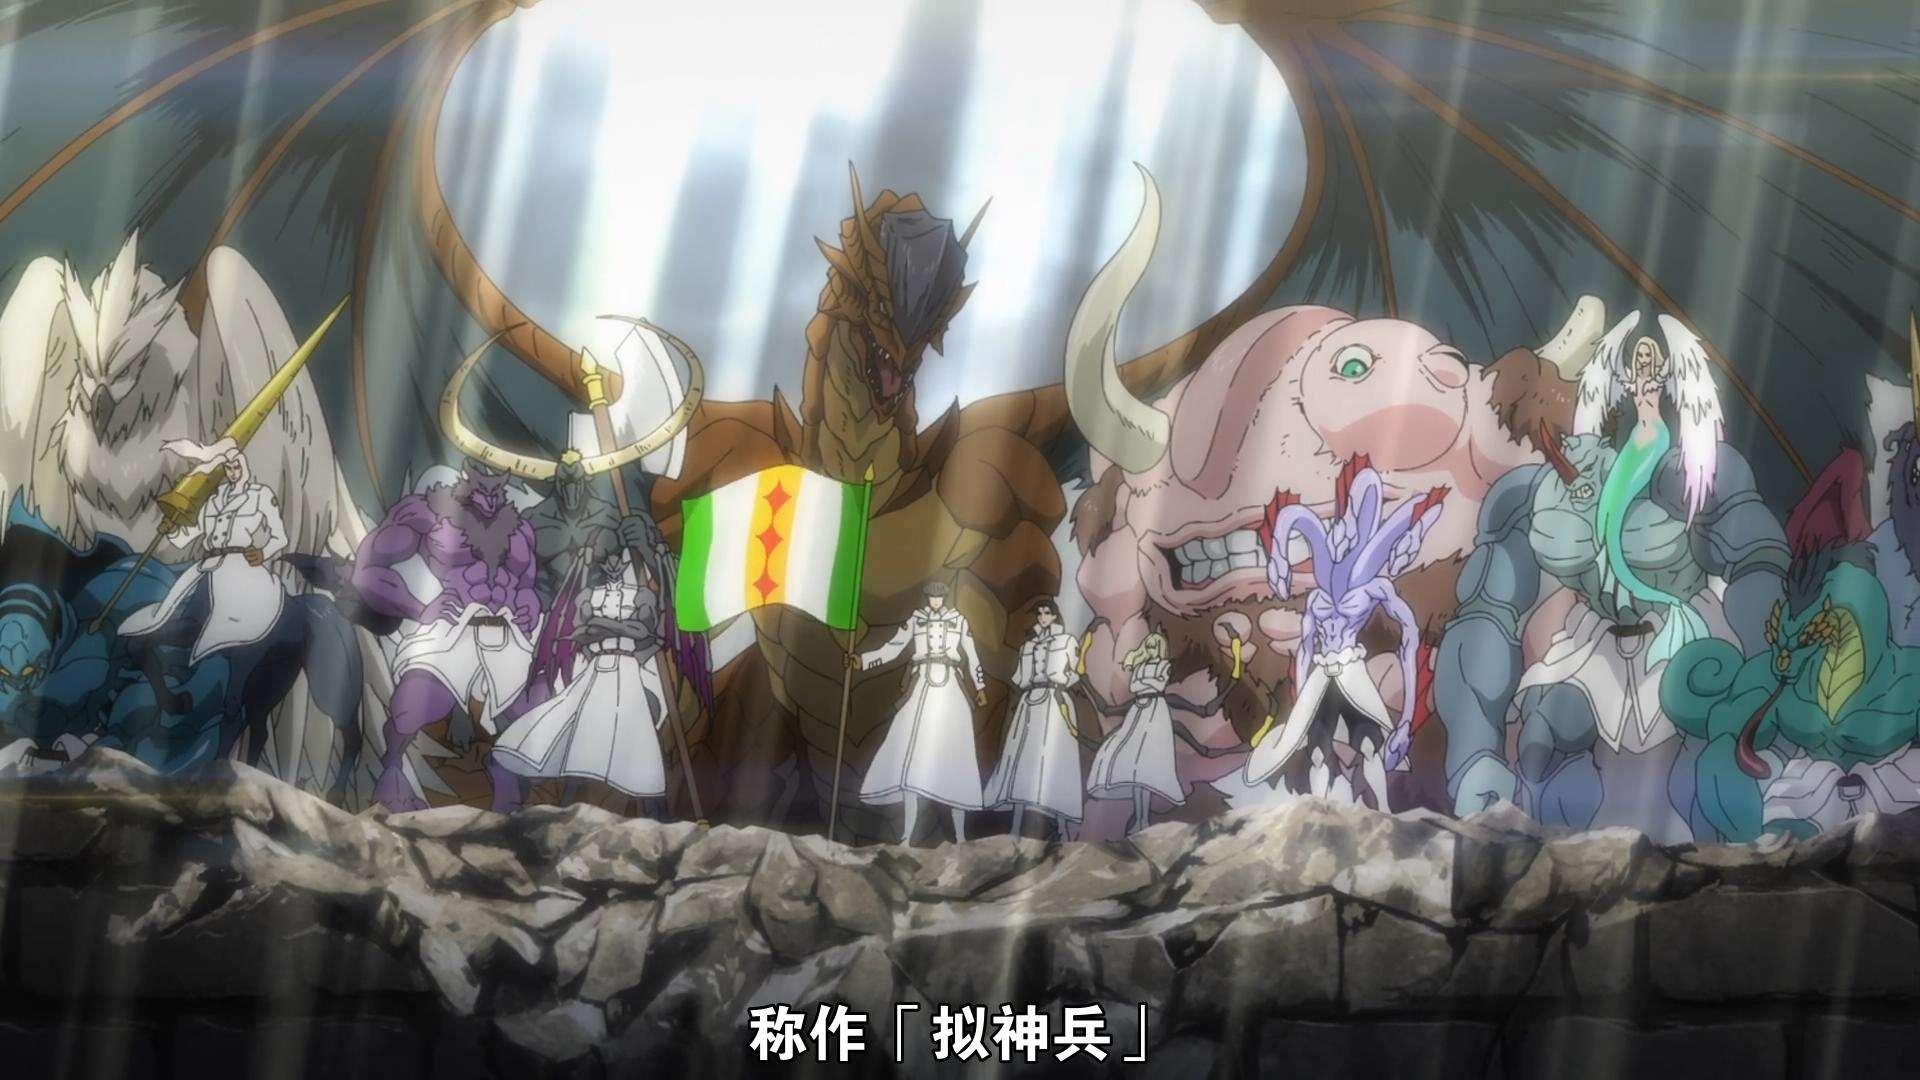 【动漫资源】【猎兽神兵】,柊筱娅本子里番acg